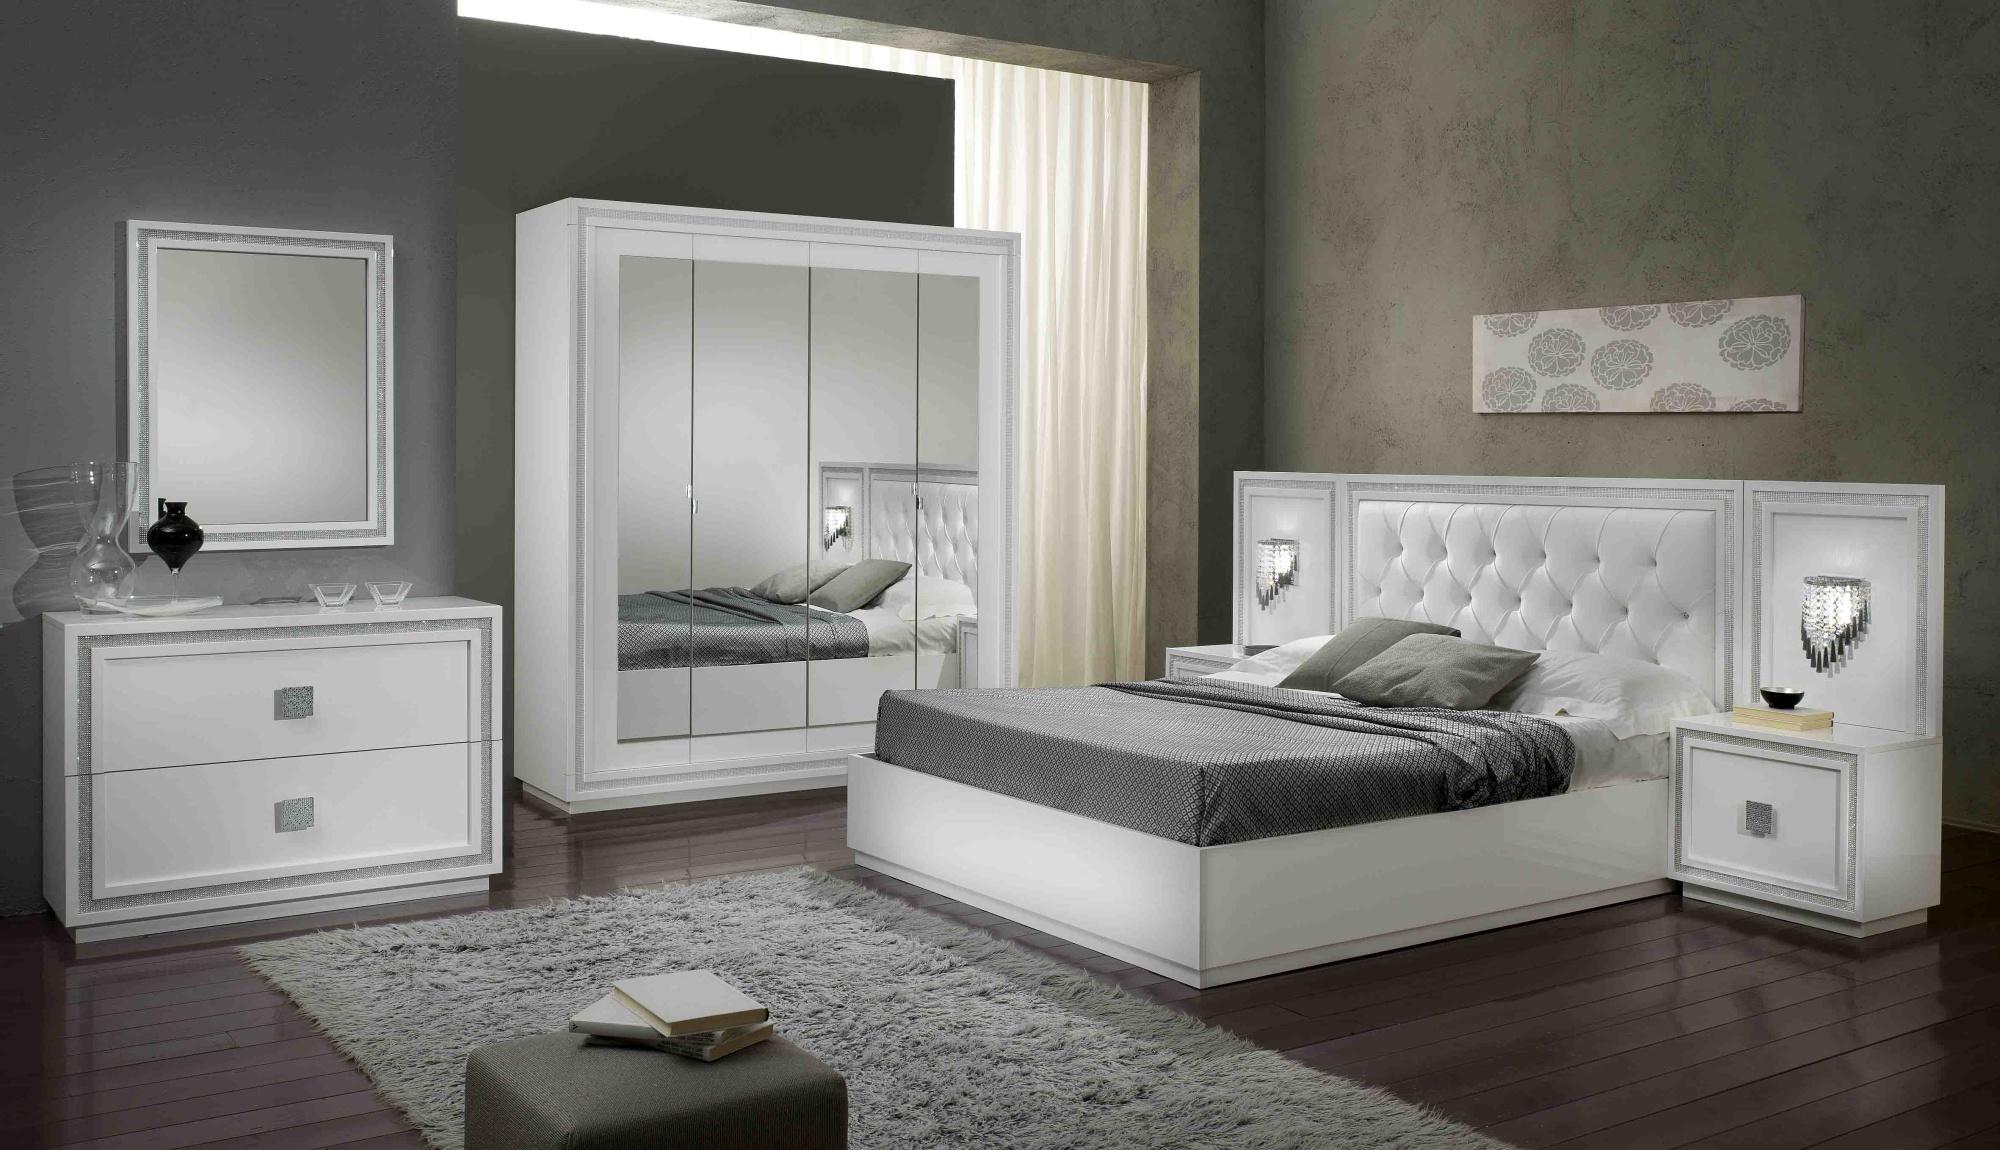 Chambre adulte complète design laquée blanche Cristalline | Matelpro